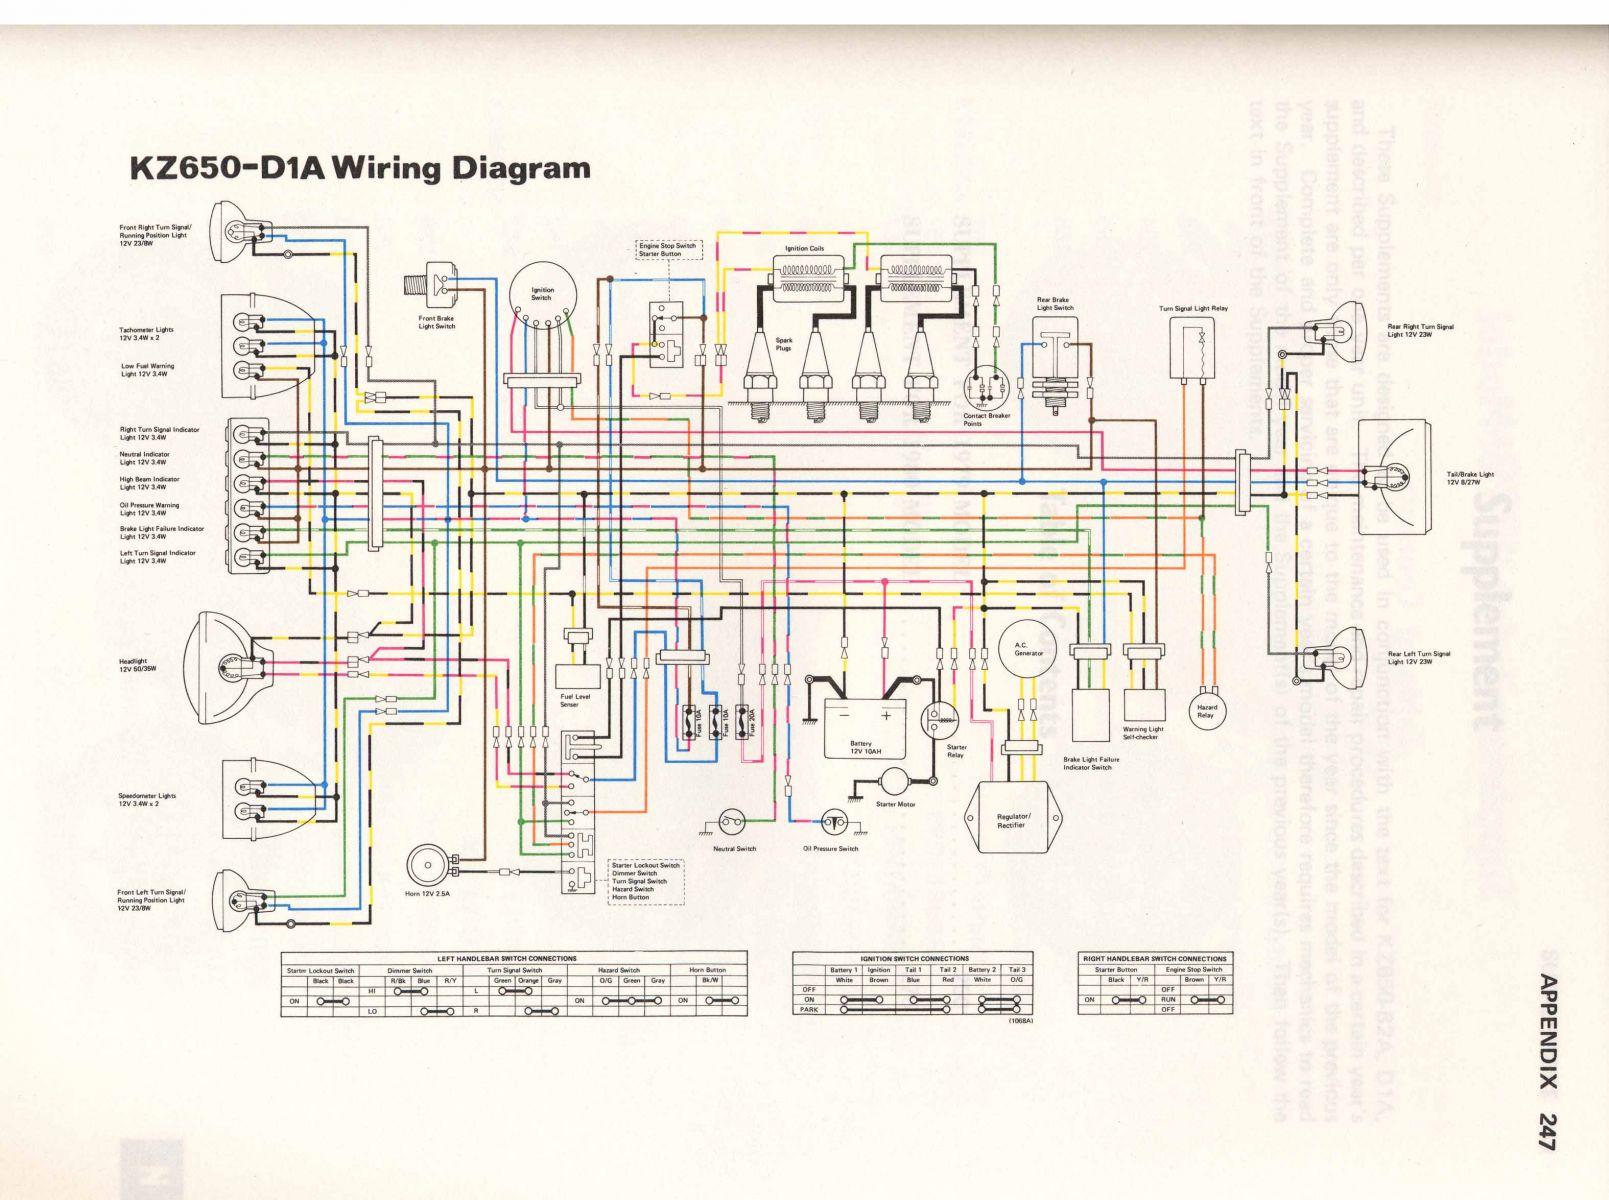 kz1000 wiring diagram 3 gang switch multiple lights kz650 mystery kzrider forum kz z1 and z